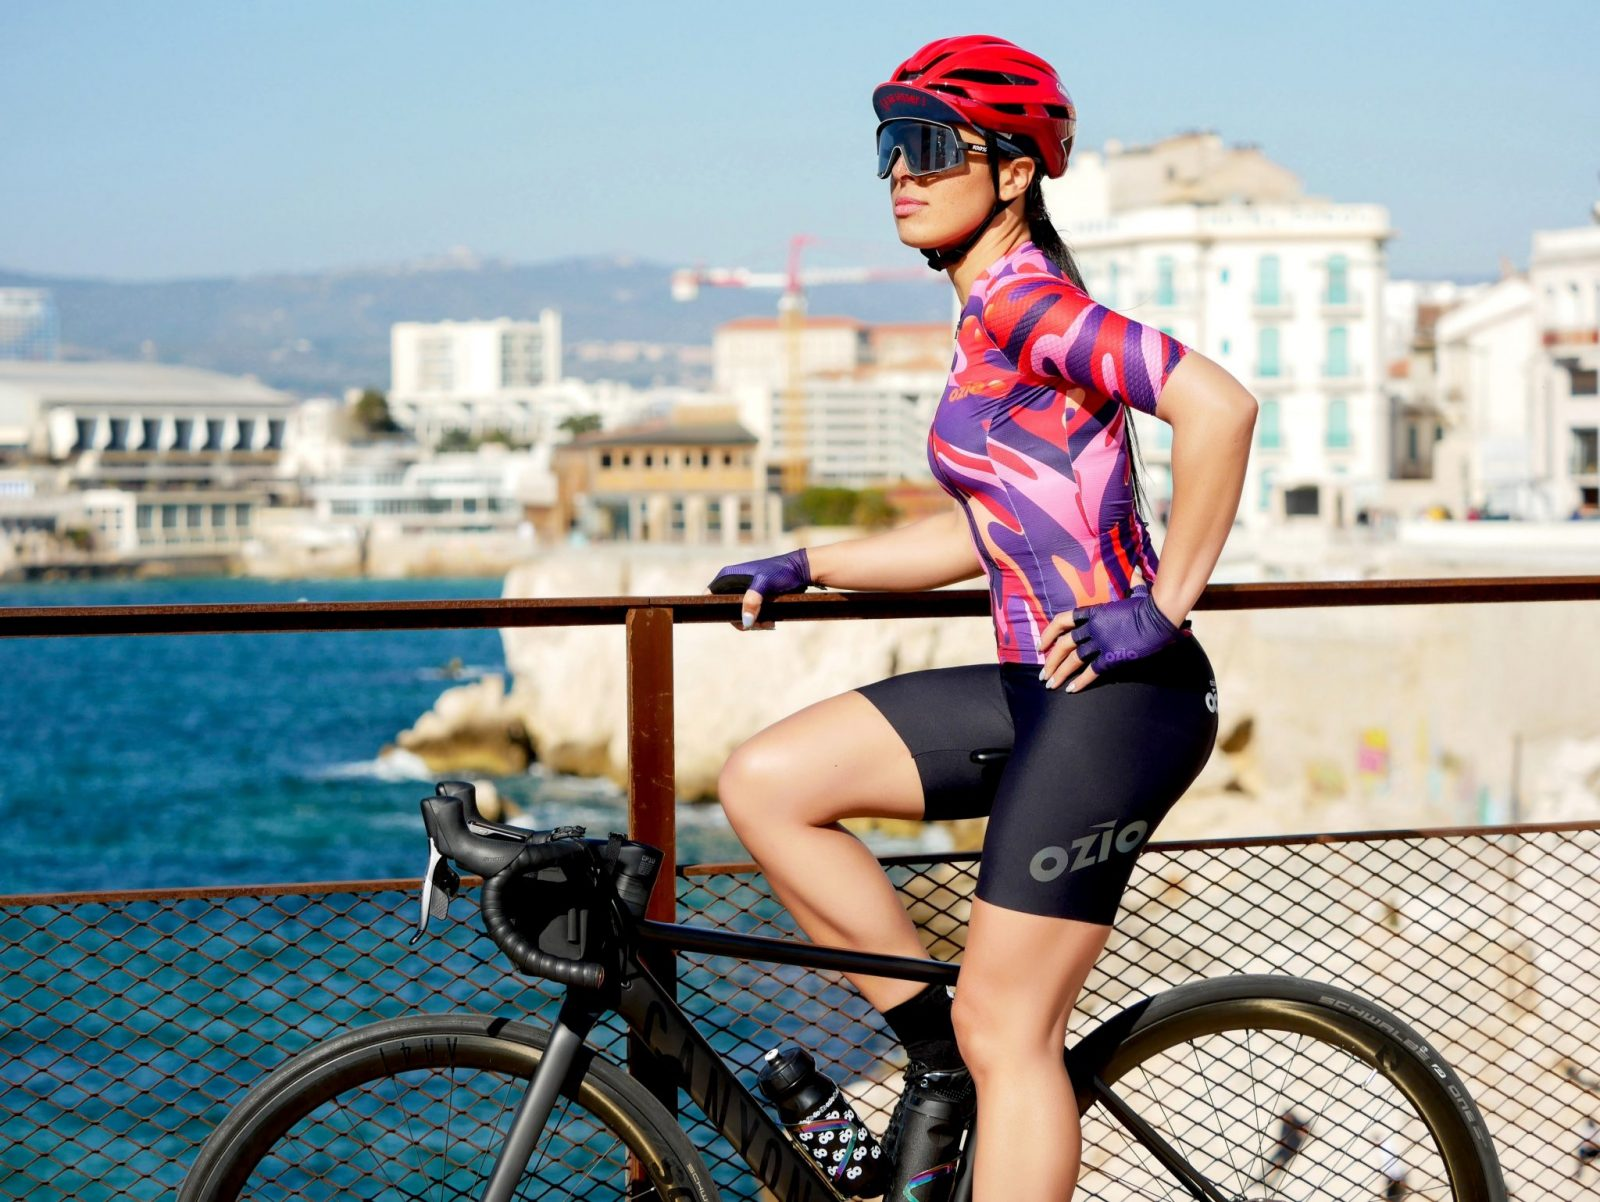 Cuissard de vélo femme avec bretelles et maillot OZIO